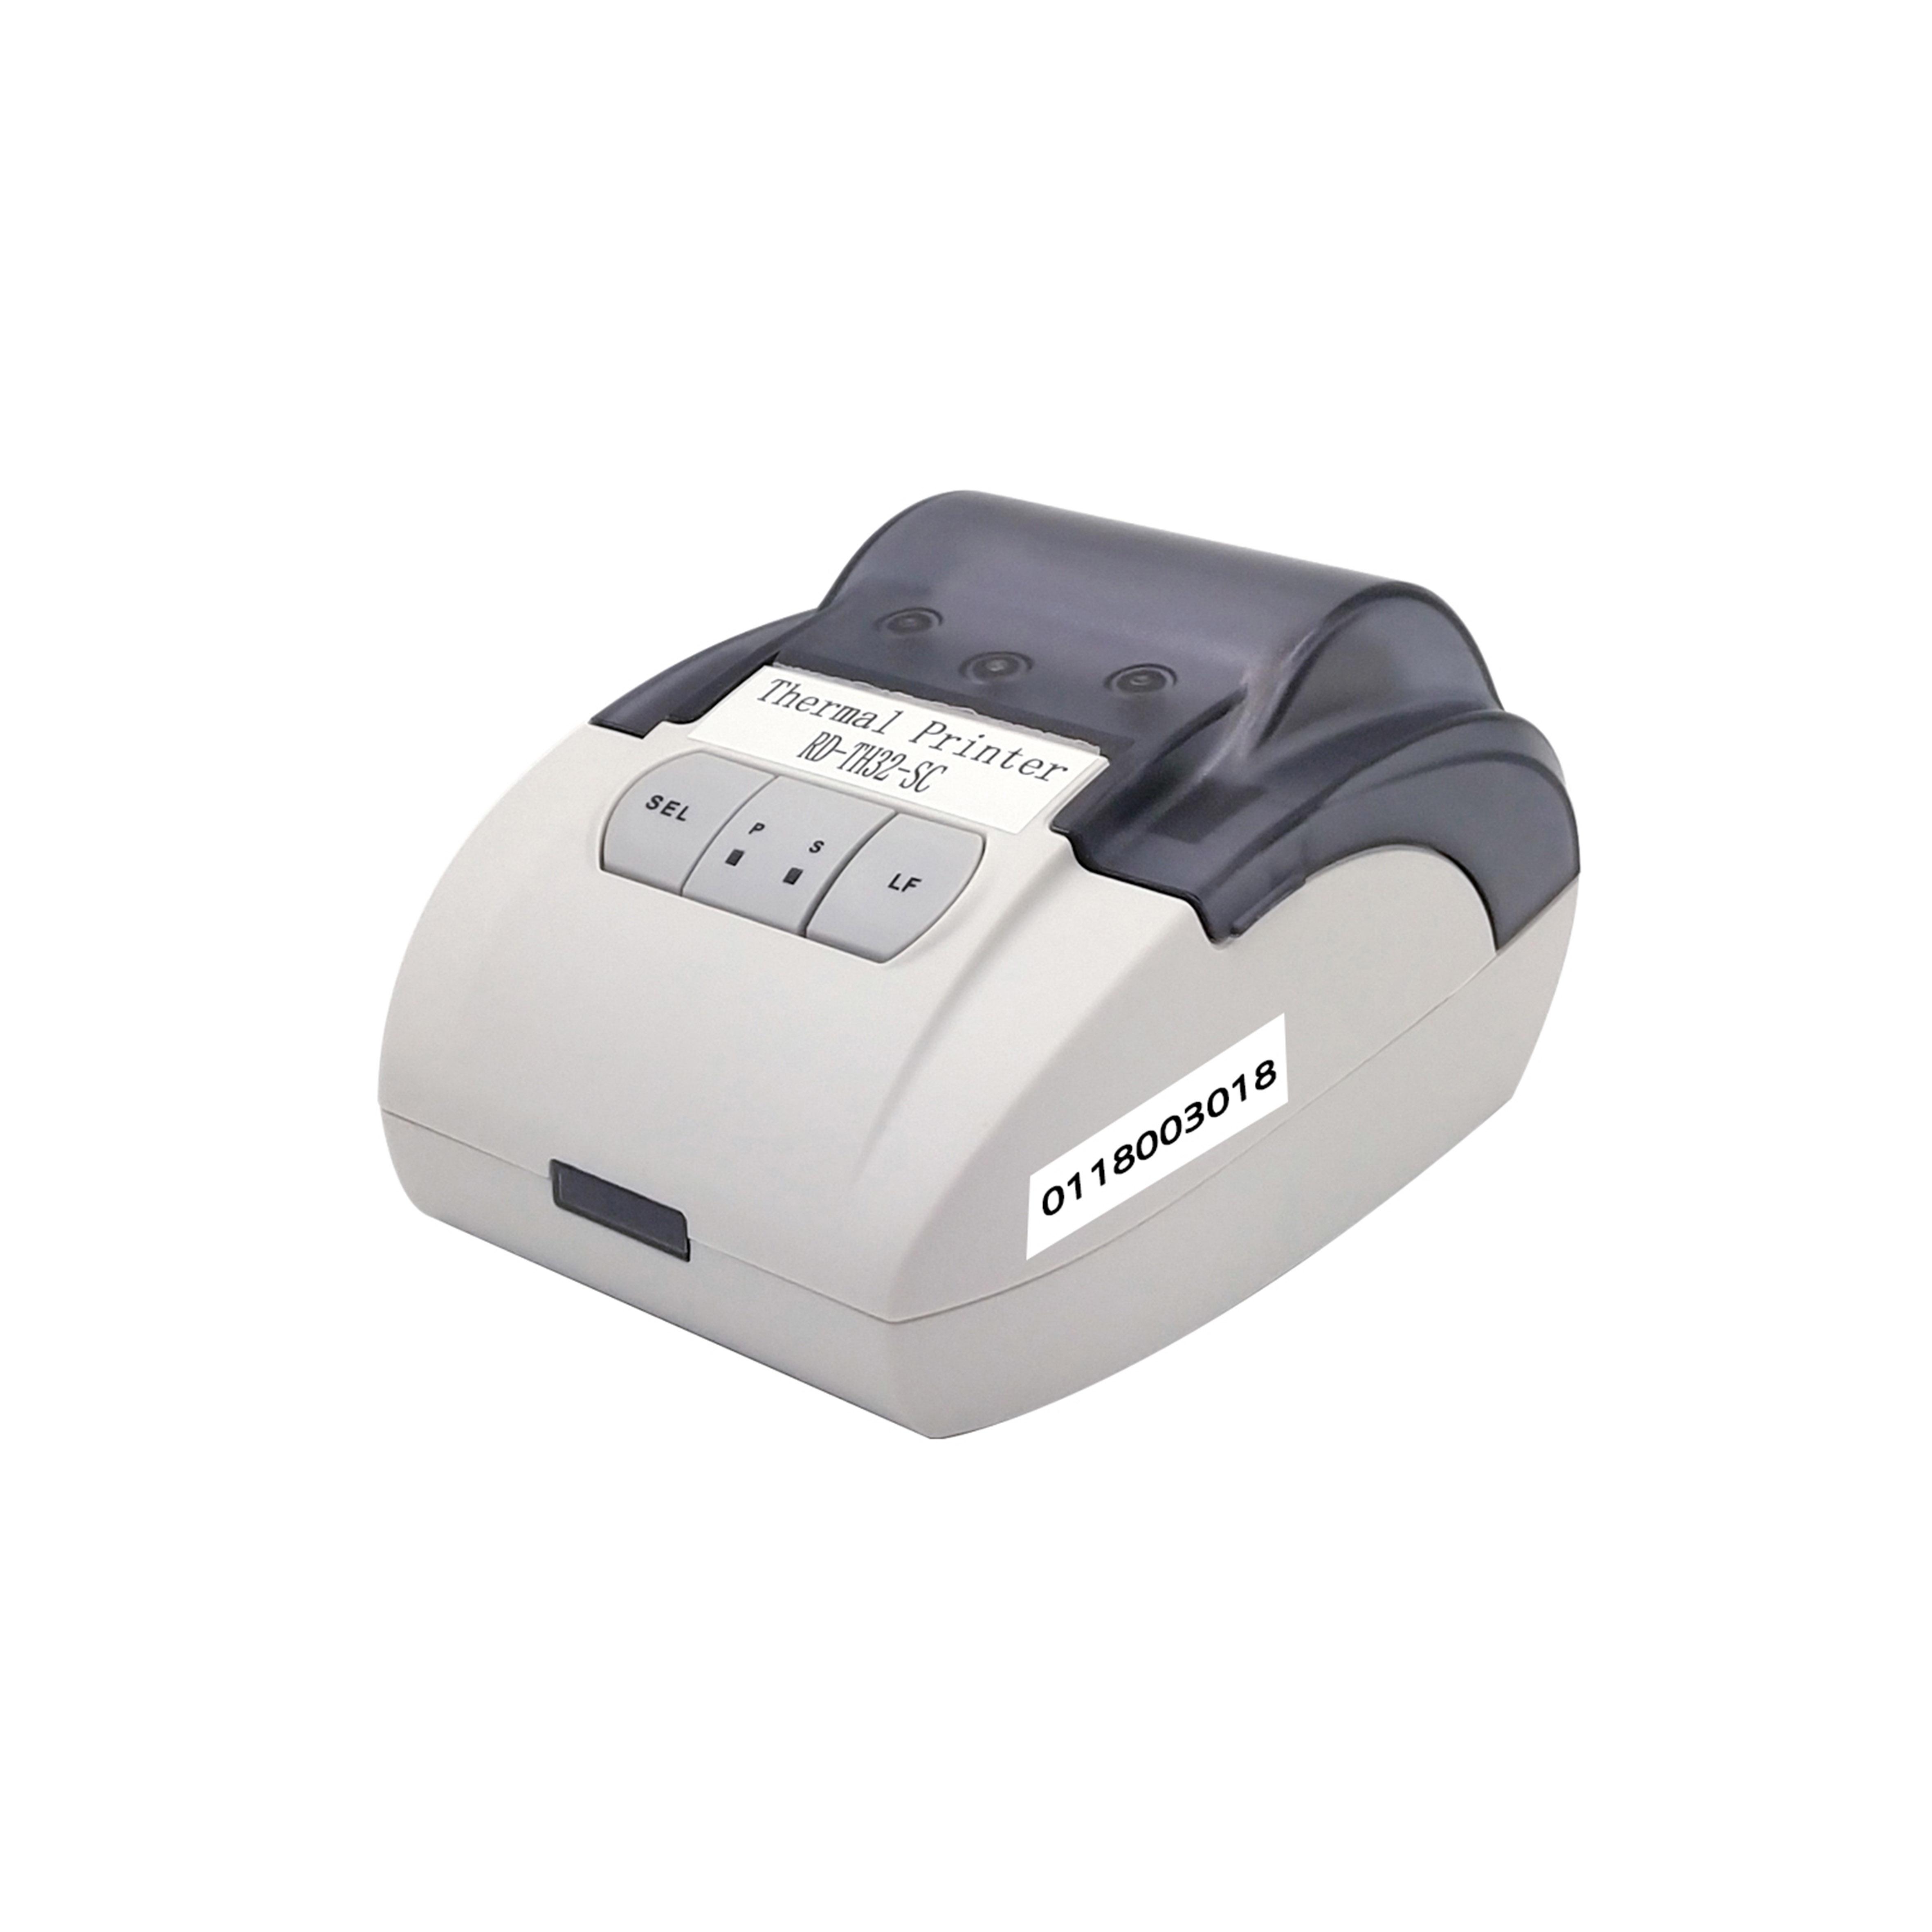 熱敏打印機